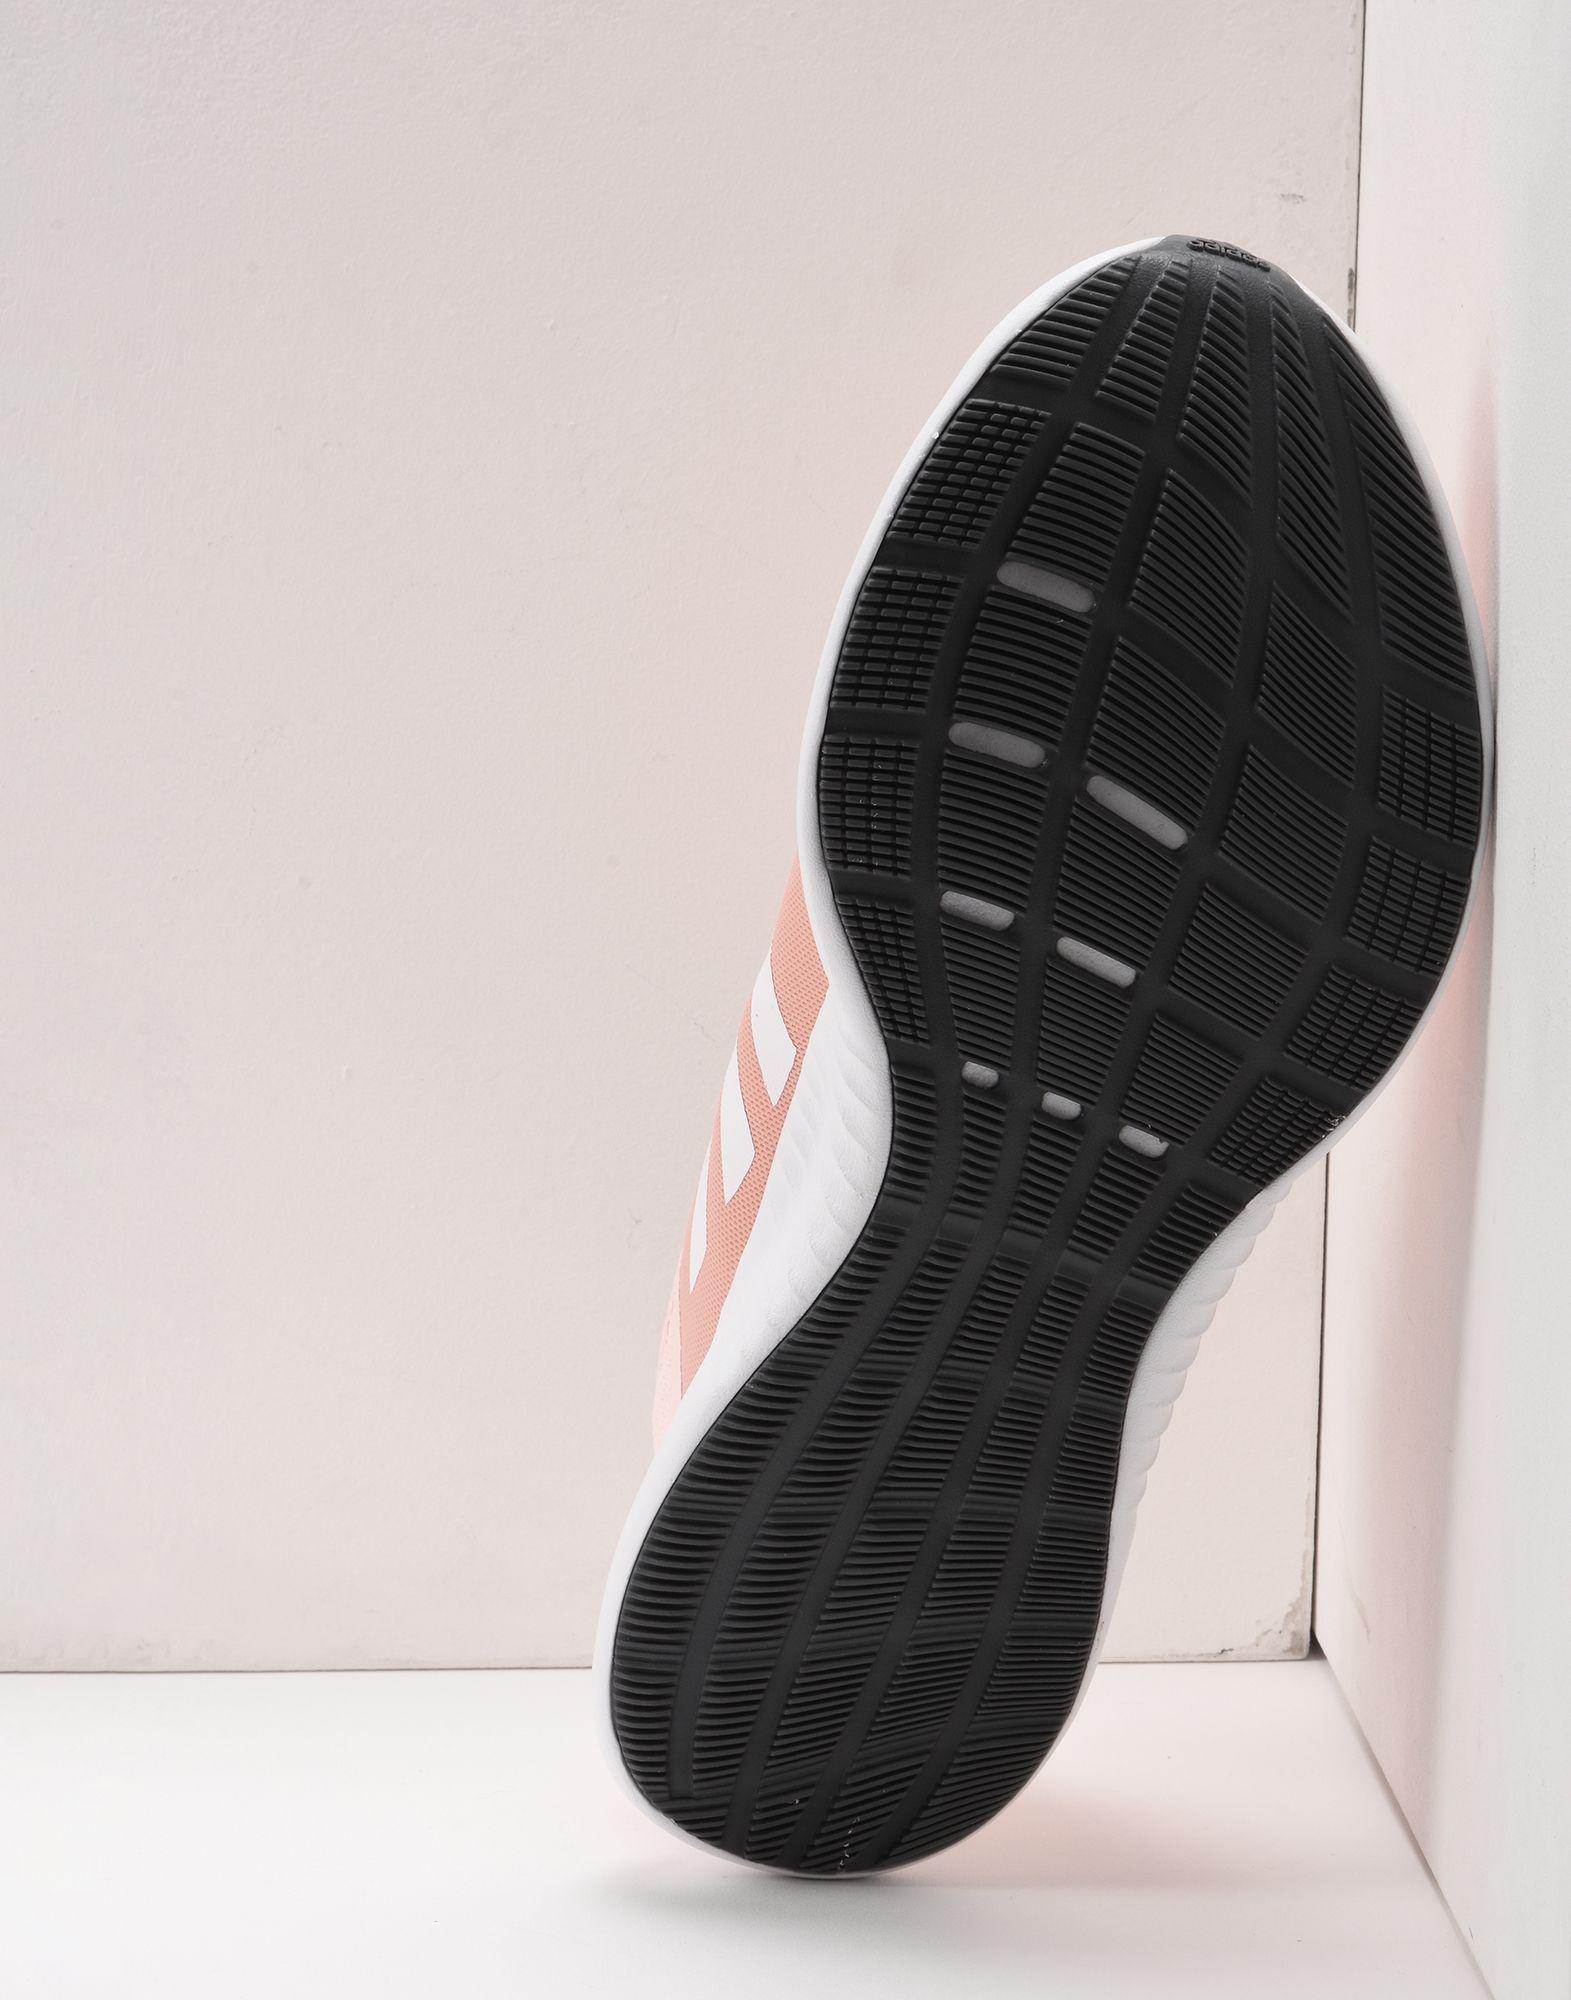 Adidas Originals Edgebounce W beliebte  11542334TK Gute Qualität beliebte W Schuhe de2e80